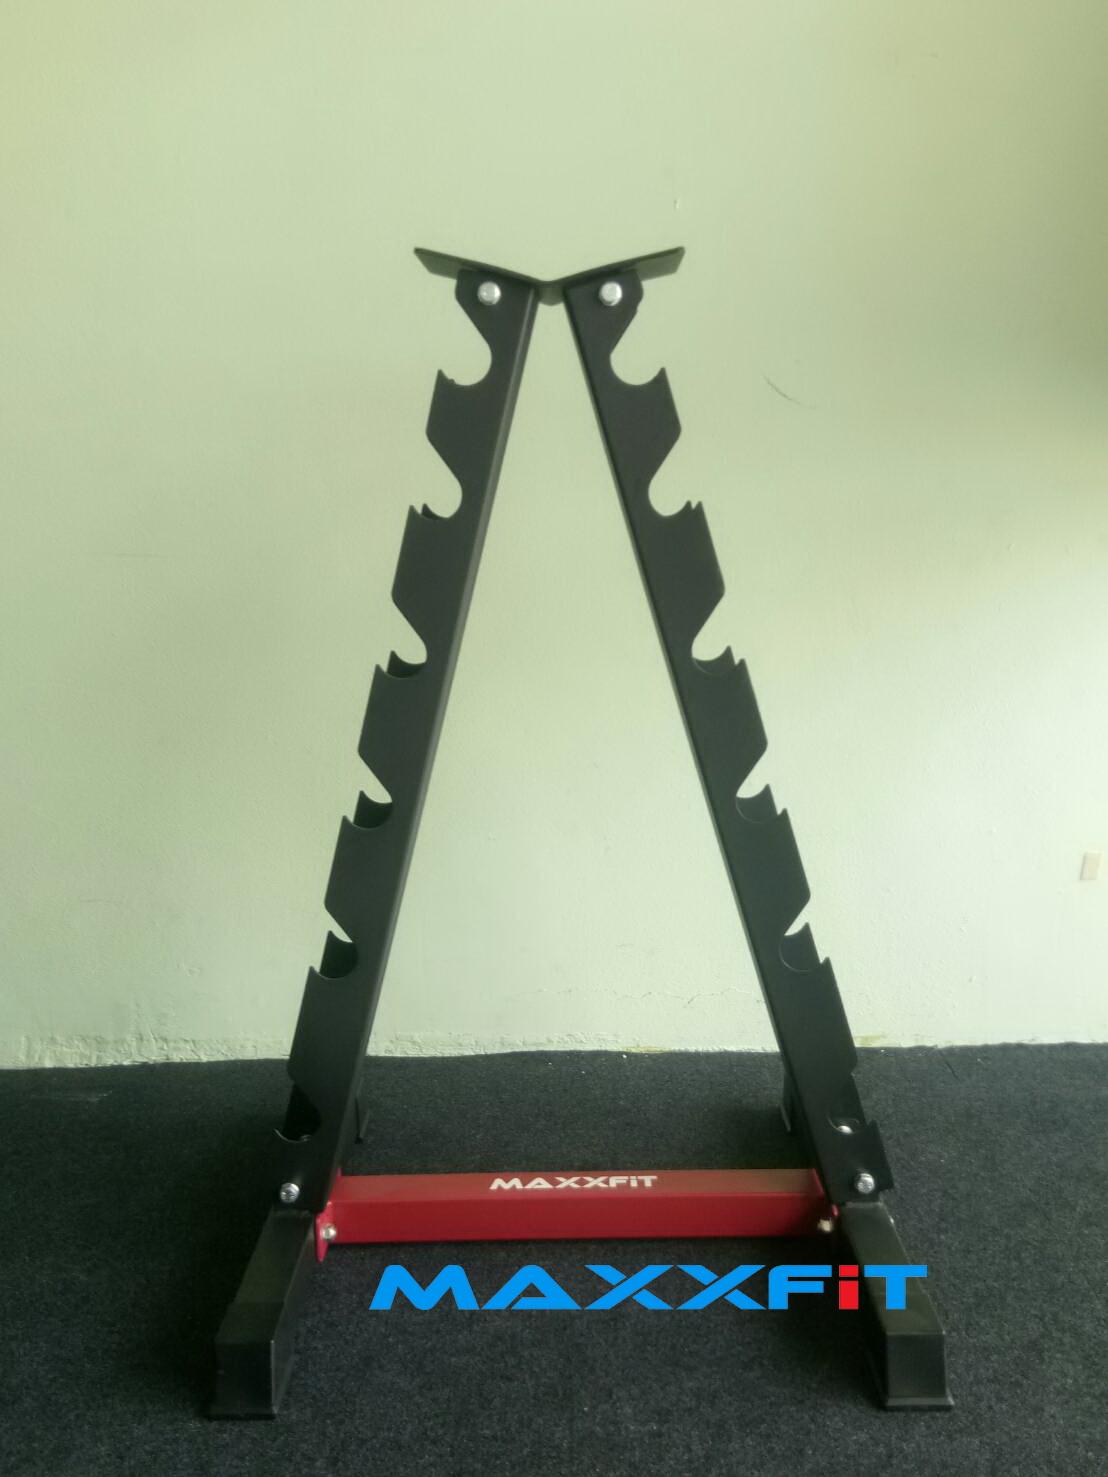 ขาย ขาตั้งดัมเบลทรงสามเหลี่ยม 6 คู่ สีดำ-แดง MAXXFiT รุ่น RK306 A